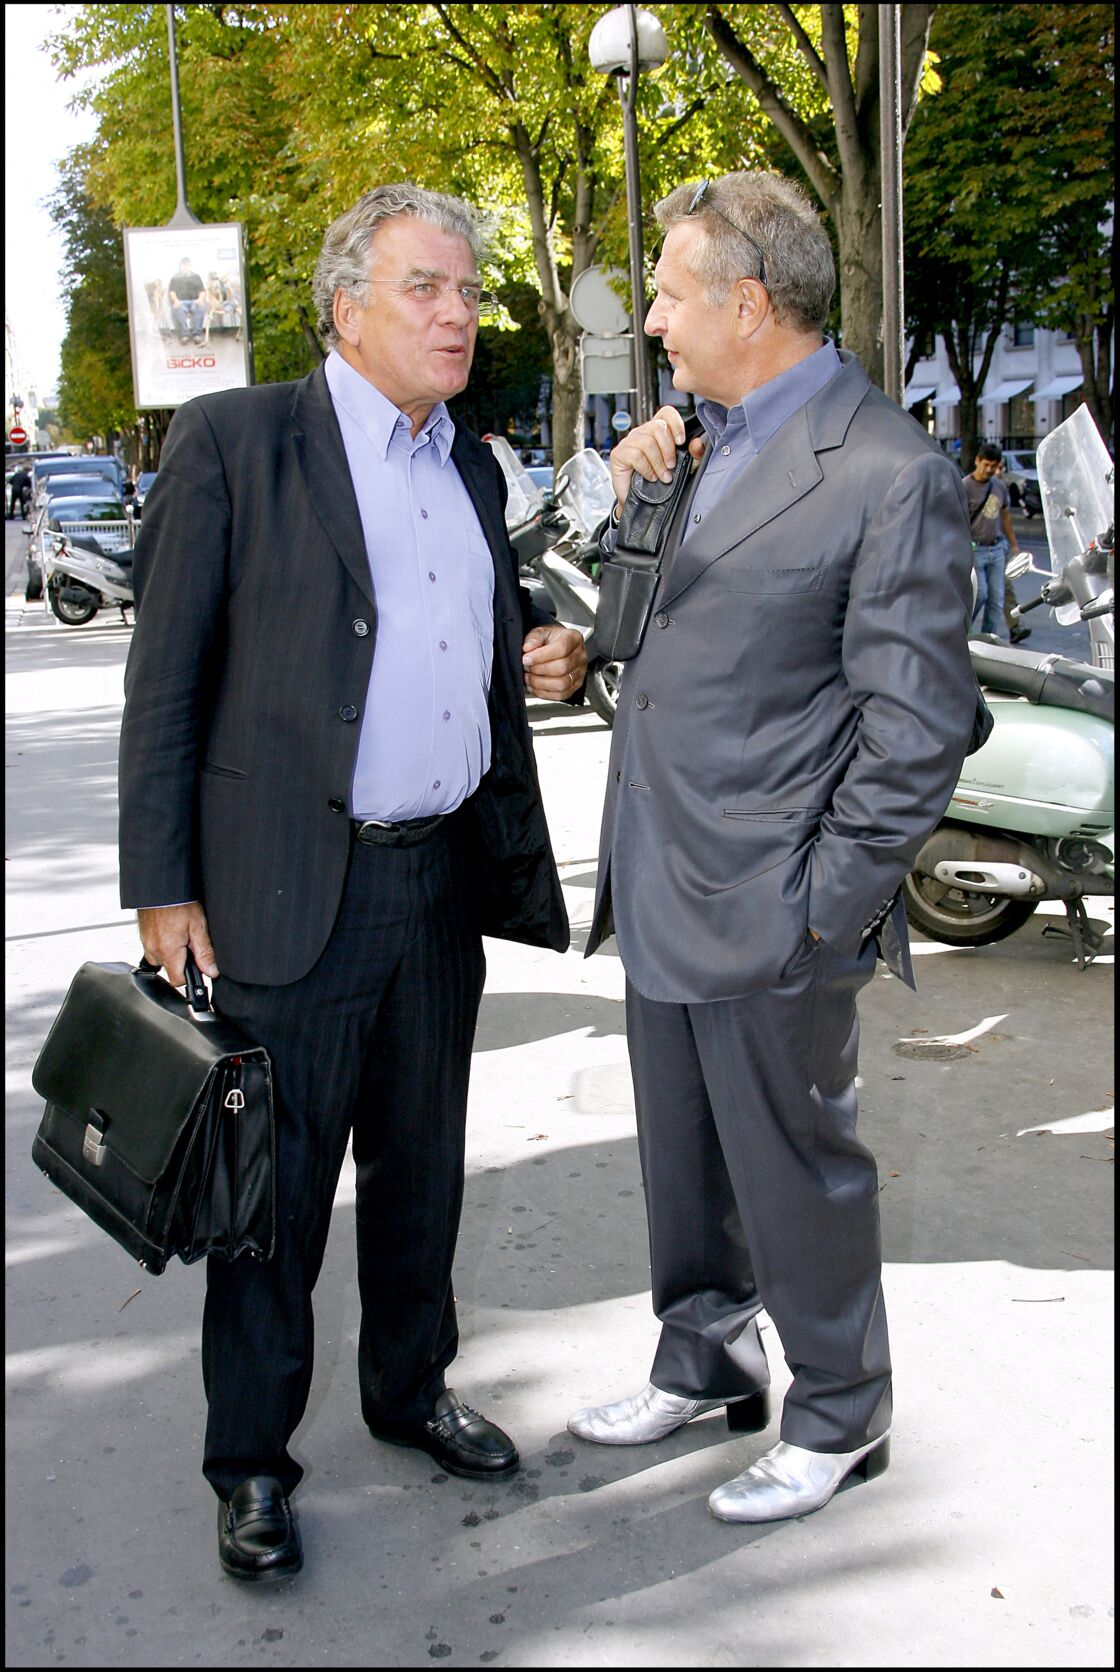 Pendant des années, Olivier Duhamel a été un homme d'influence et de réseaux. Selon la journaliste Ariane Chemin, il était